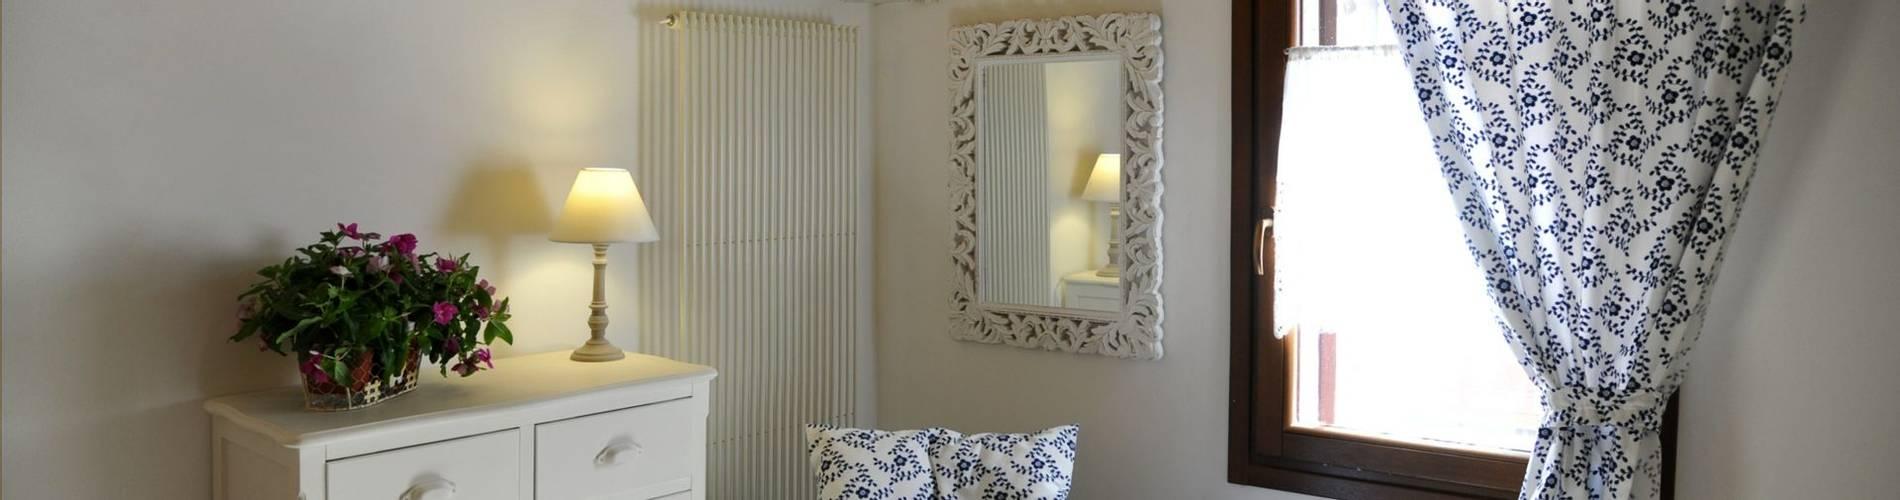 Borgo Delle Querce, Puglia, Italy, Luxury Suite (8).jpg